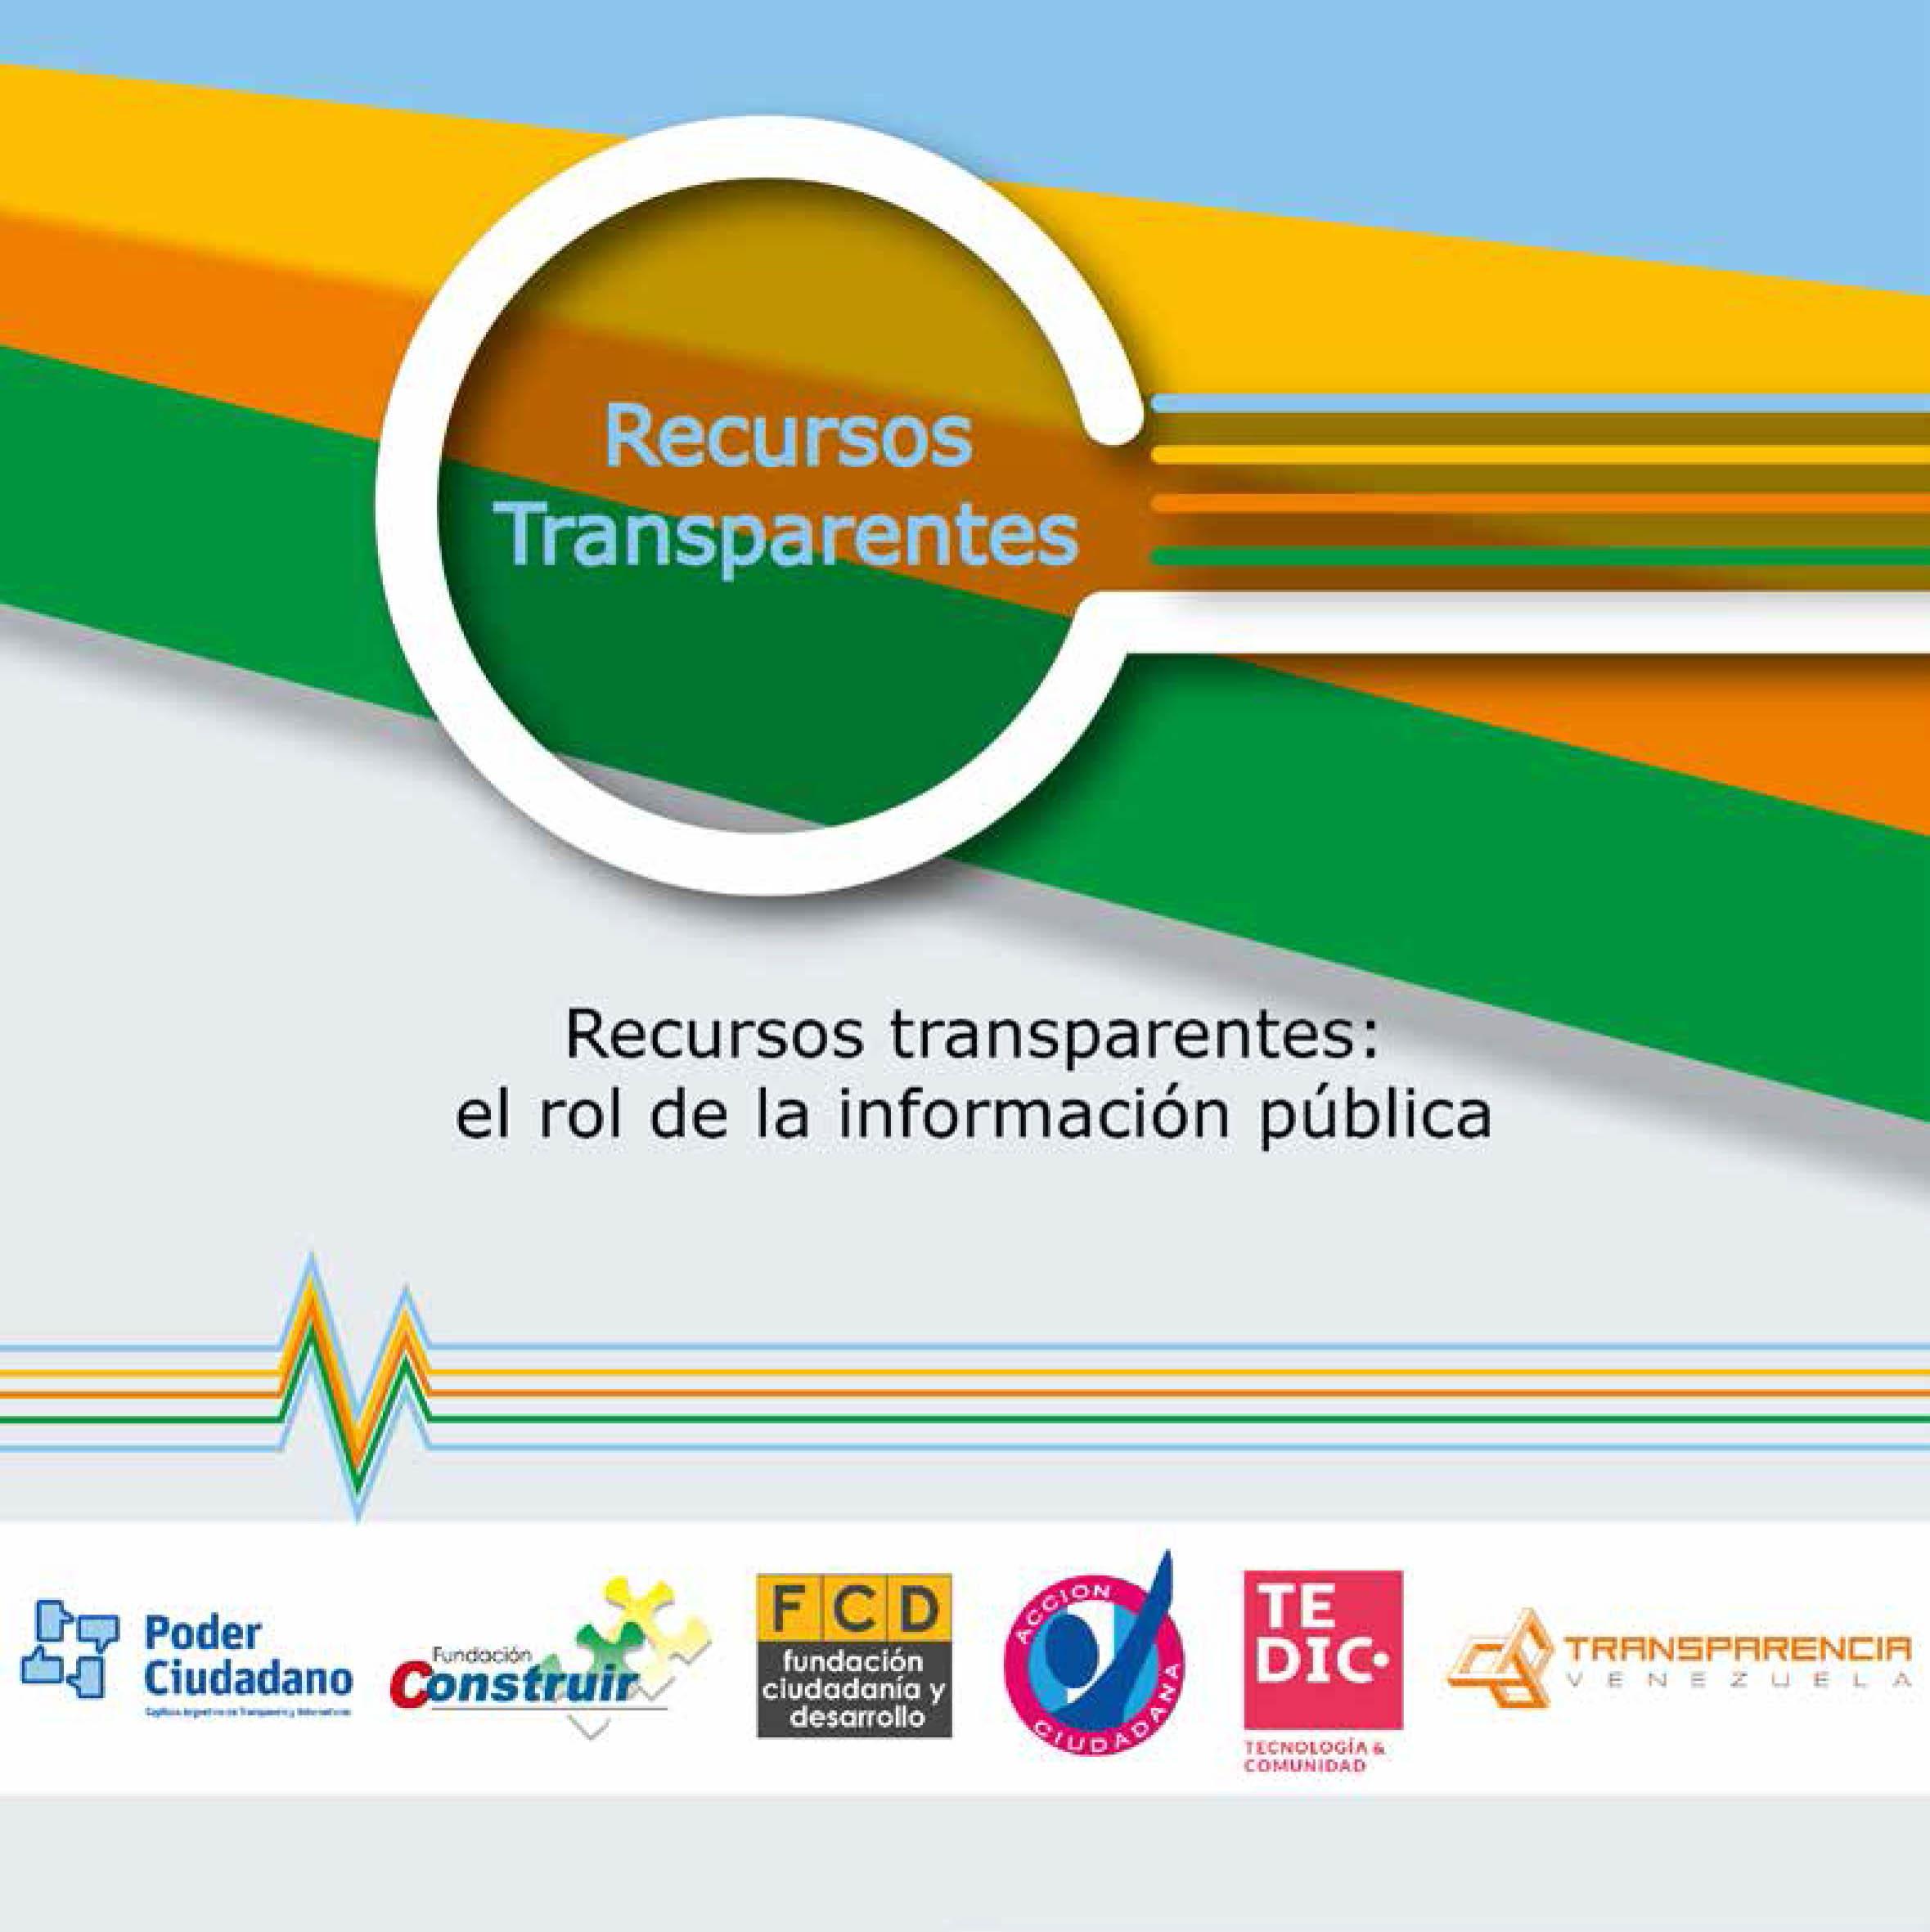 Recursos-transparentes-el-rol-de-la-informacion-publica-1